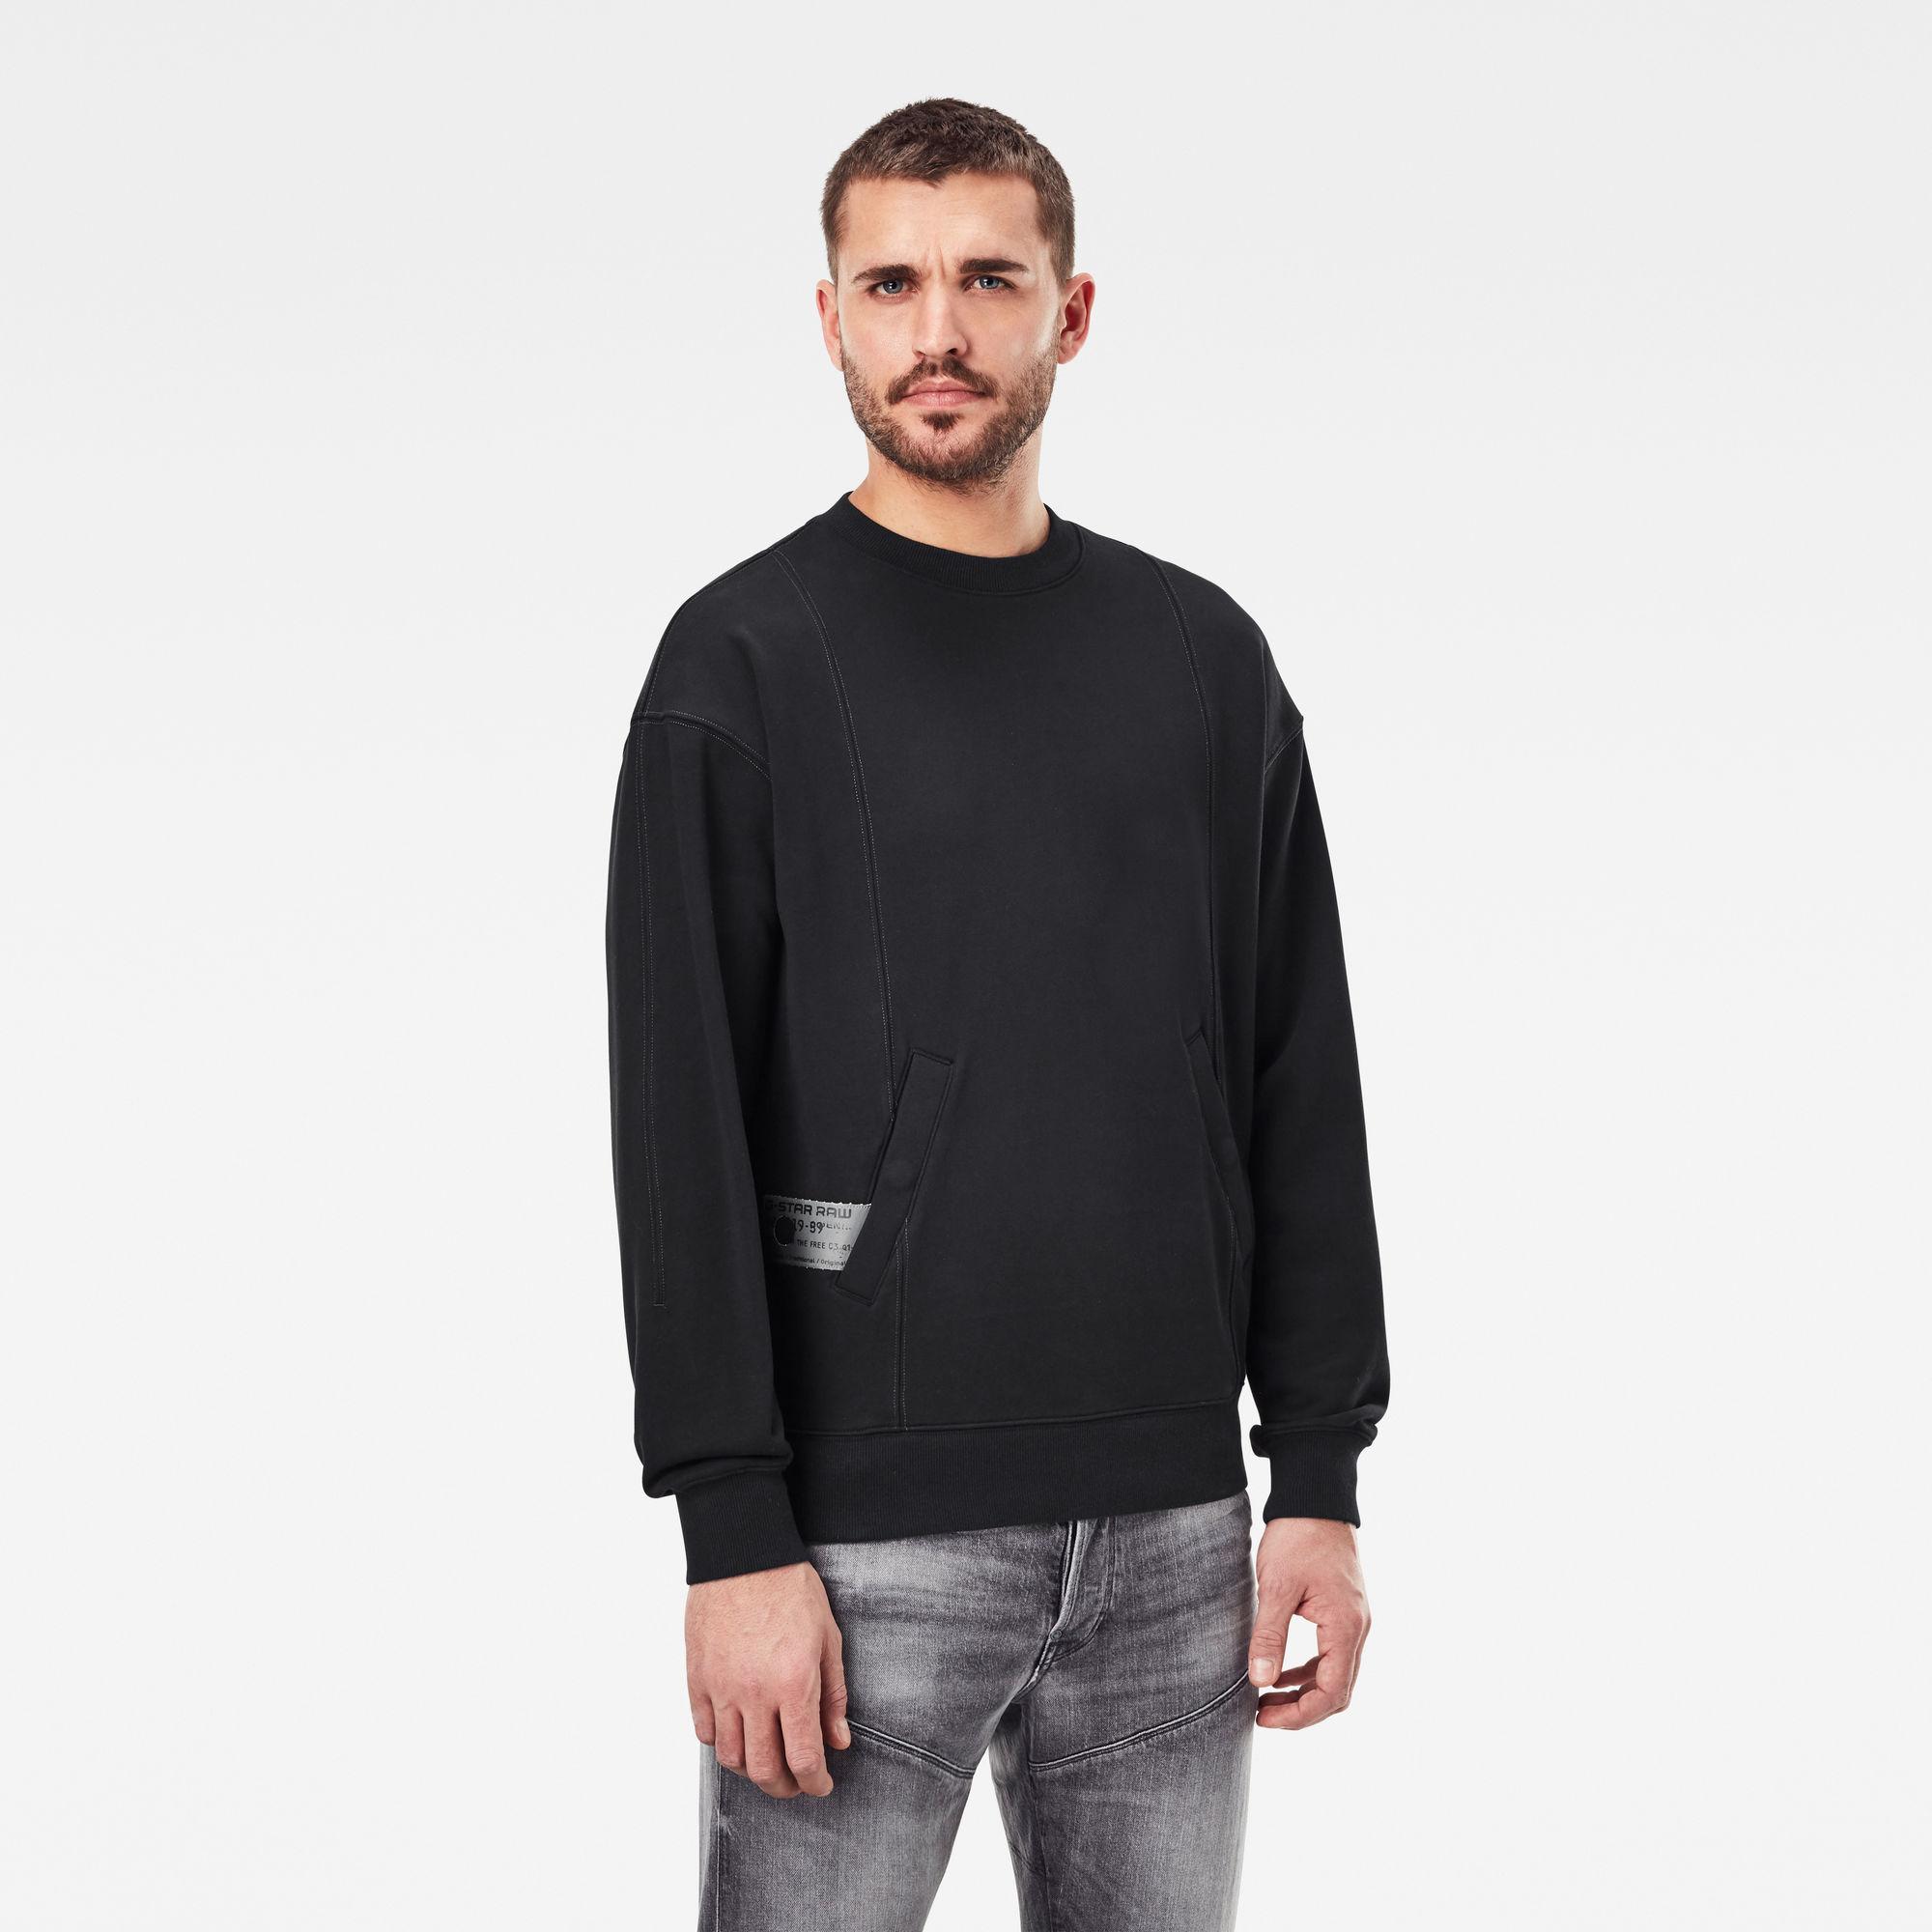 G-Star RAW Heren Stitch Sweater Zwart